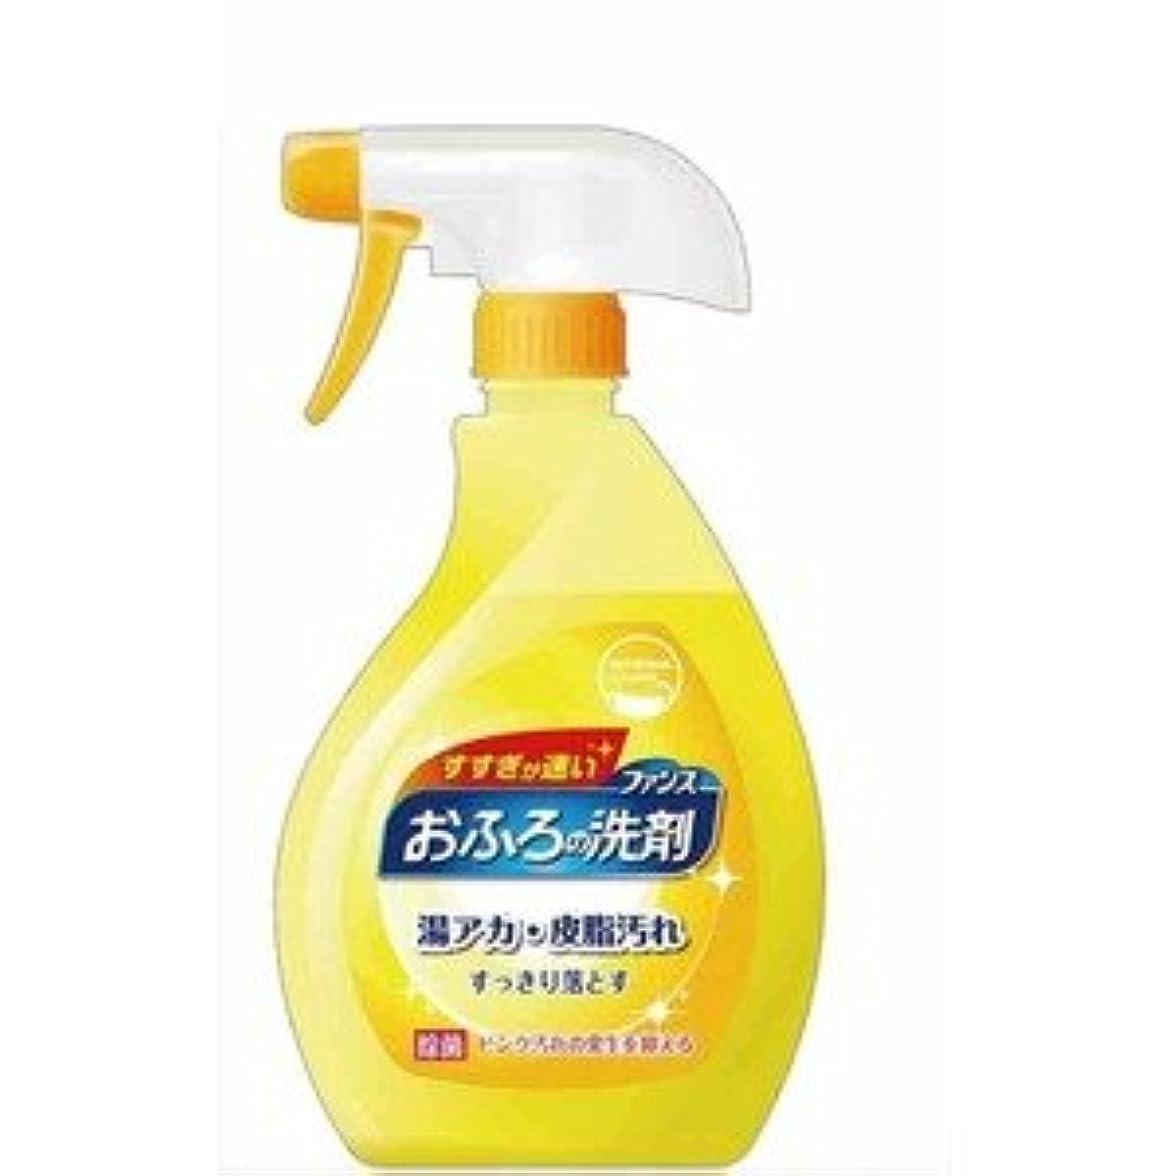 対二層スピーカールファンスおふろの洗剤オレンジミント本体380ml 46-238 【120個セット】